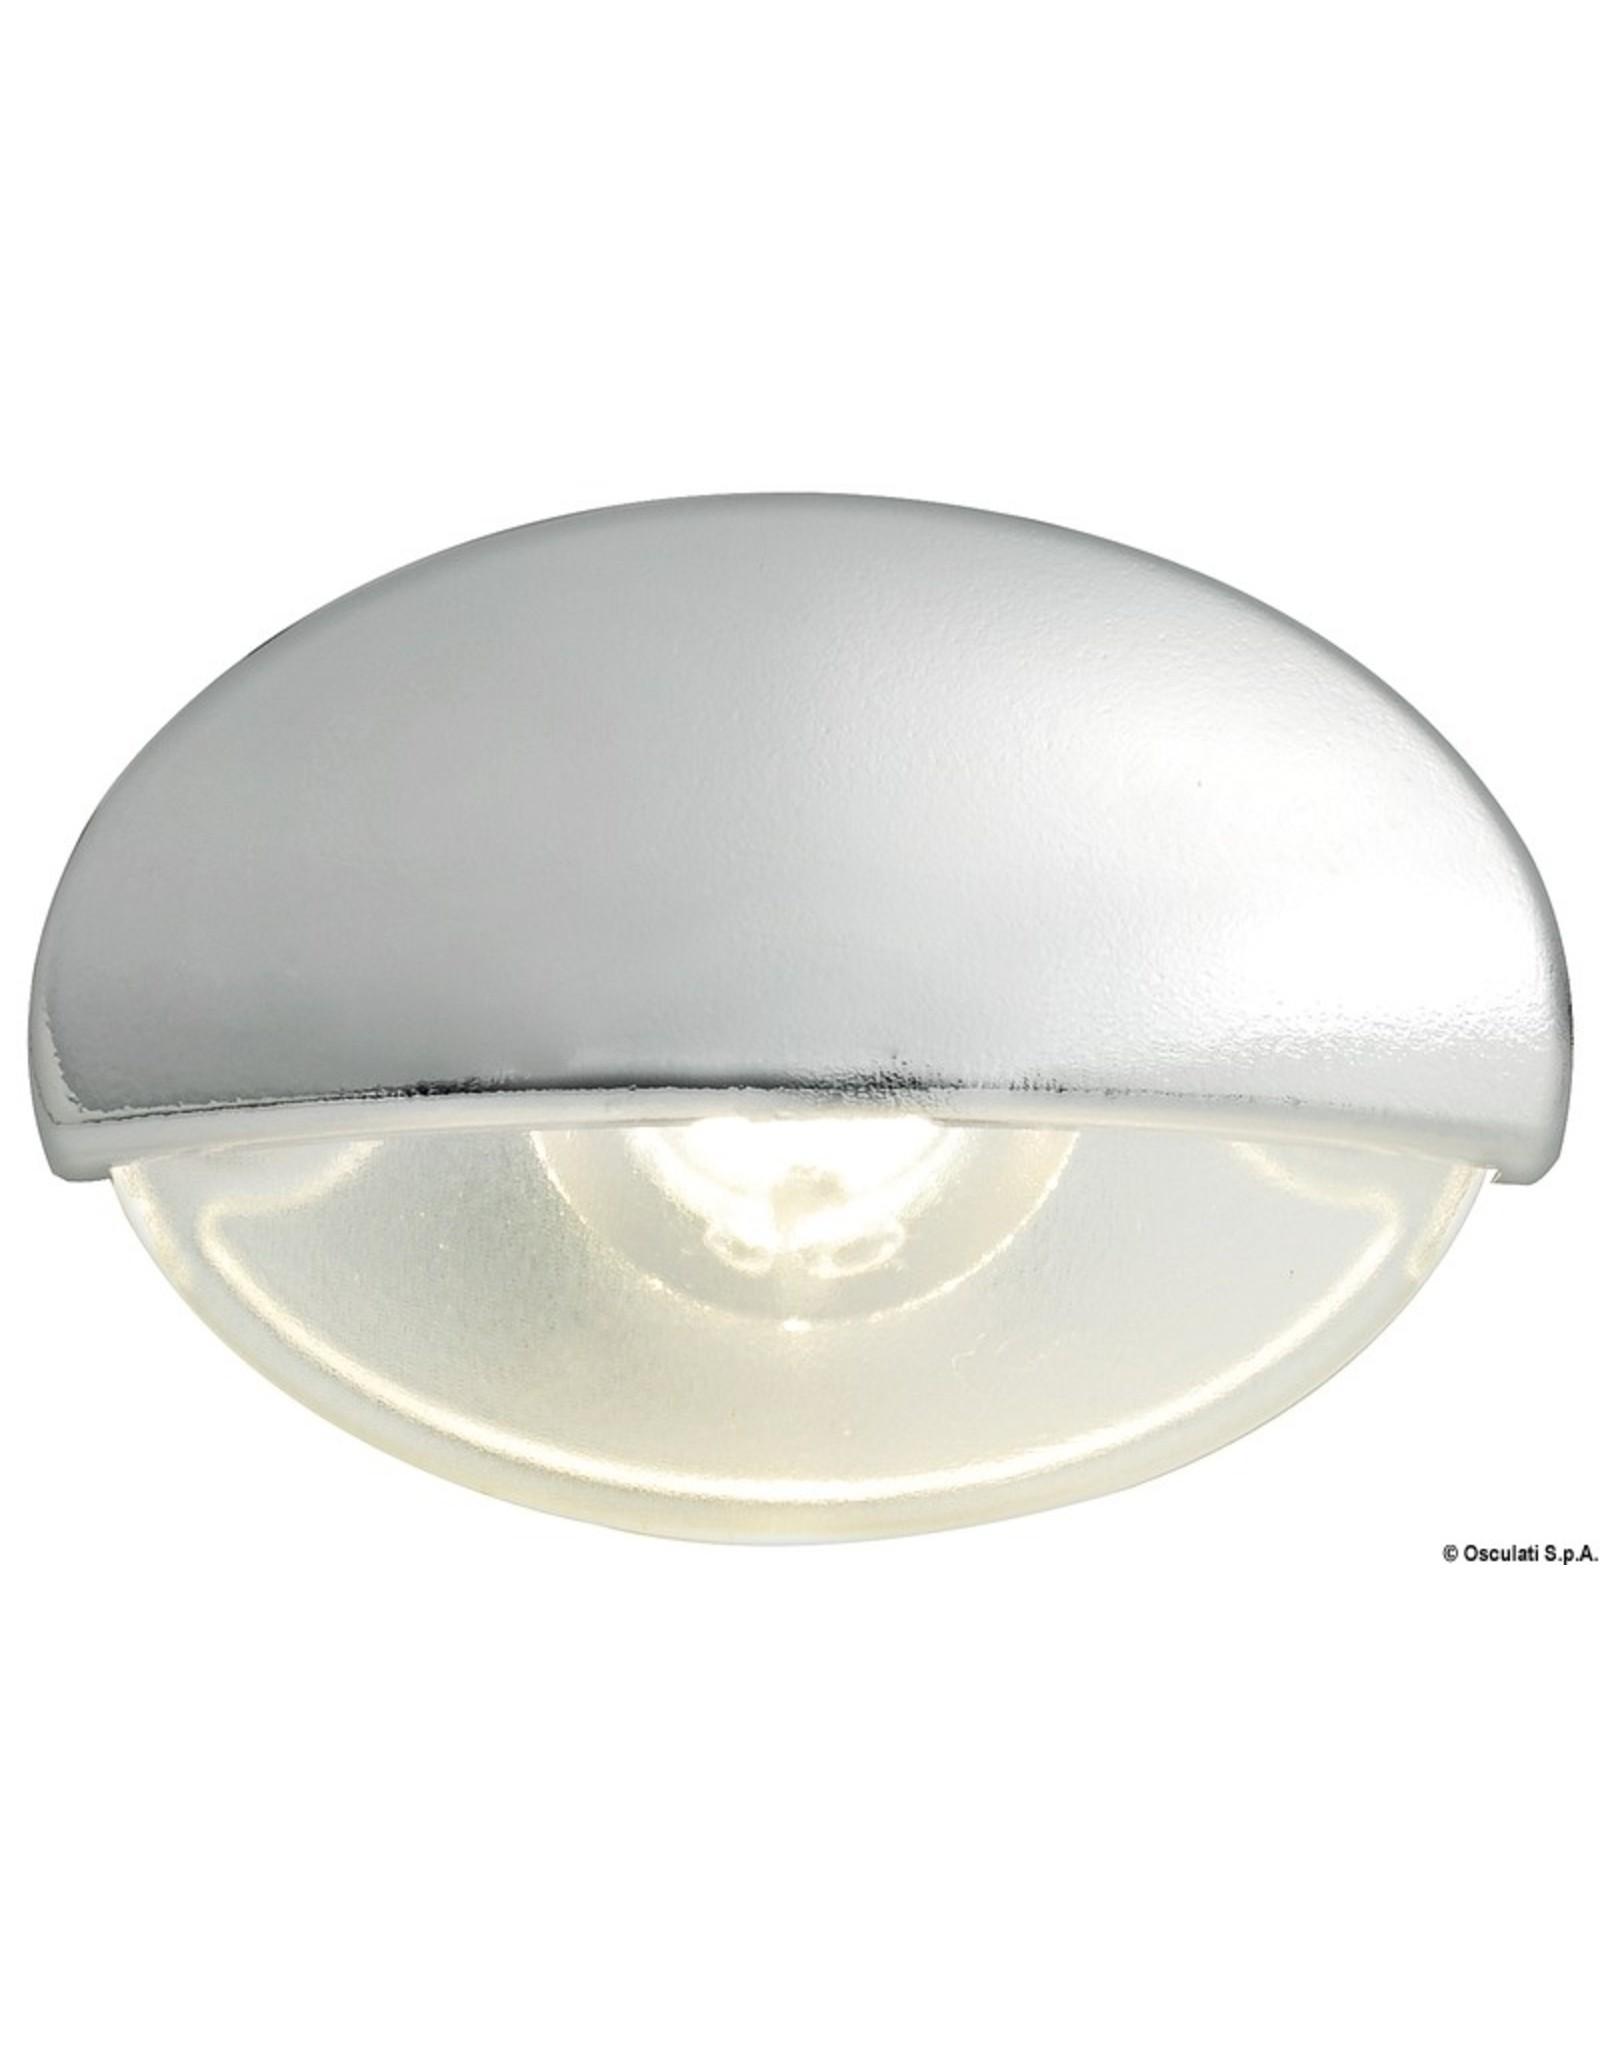 Osculati Trapverlichting  LED instapverlichting verchroomde behuizing